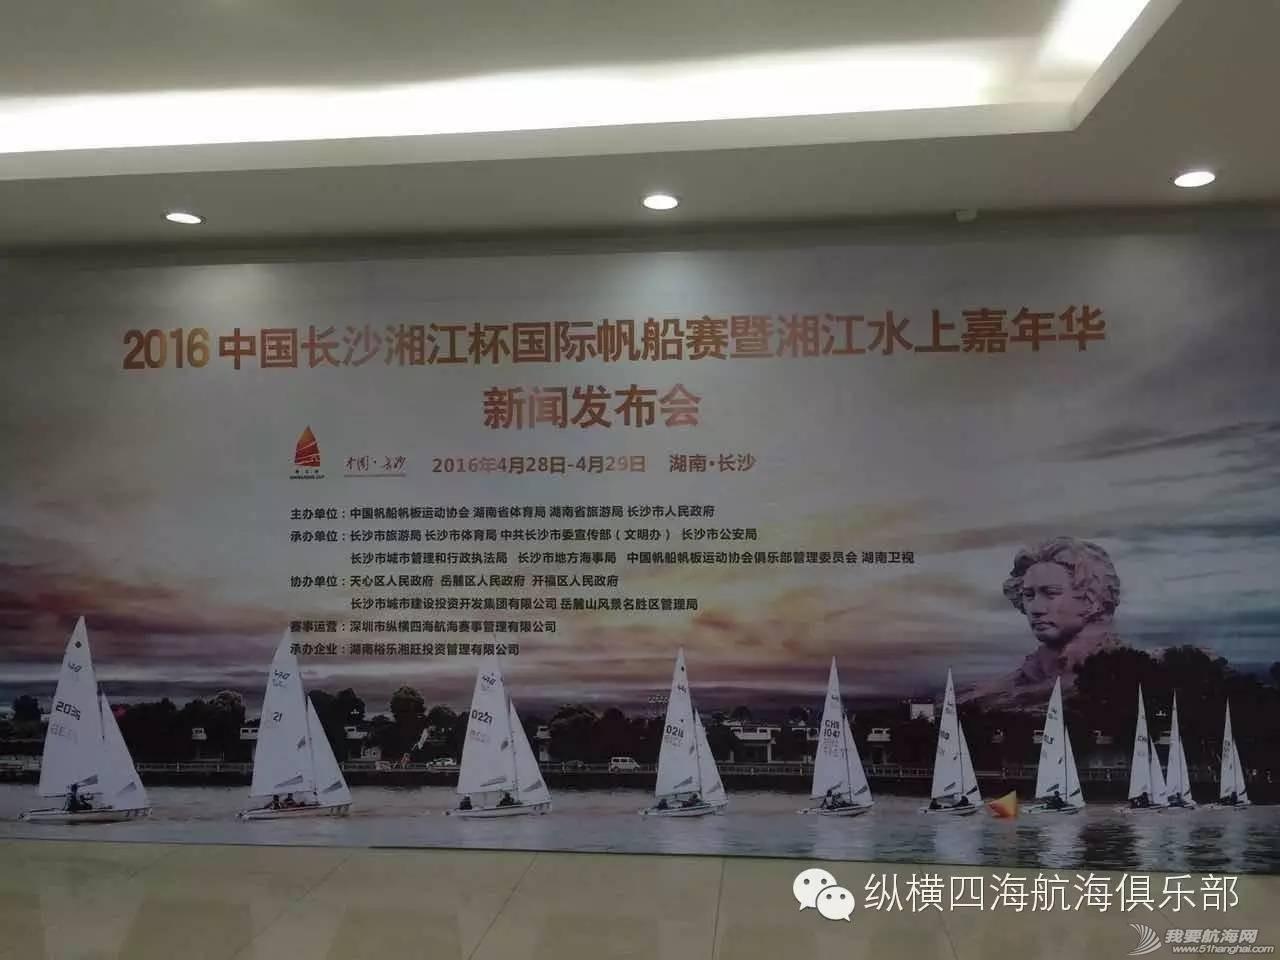 2016湘江杯国际帆船赛将于4月28日至29日在中国长沙举行! ced87c17f32b86dddcf639bd43b9bc1e.jpg